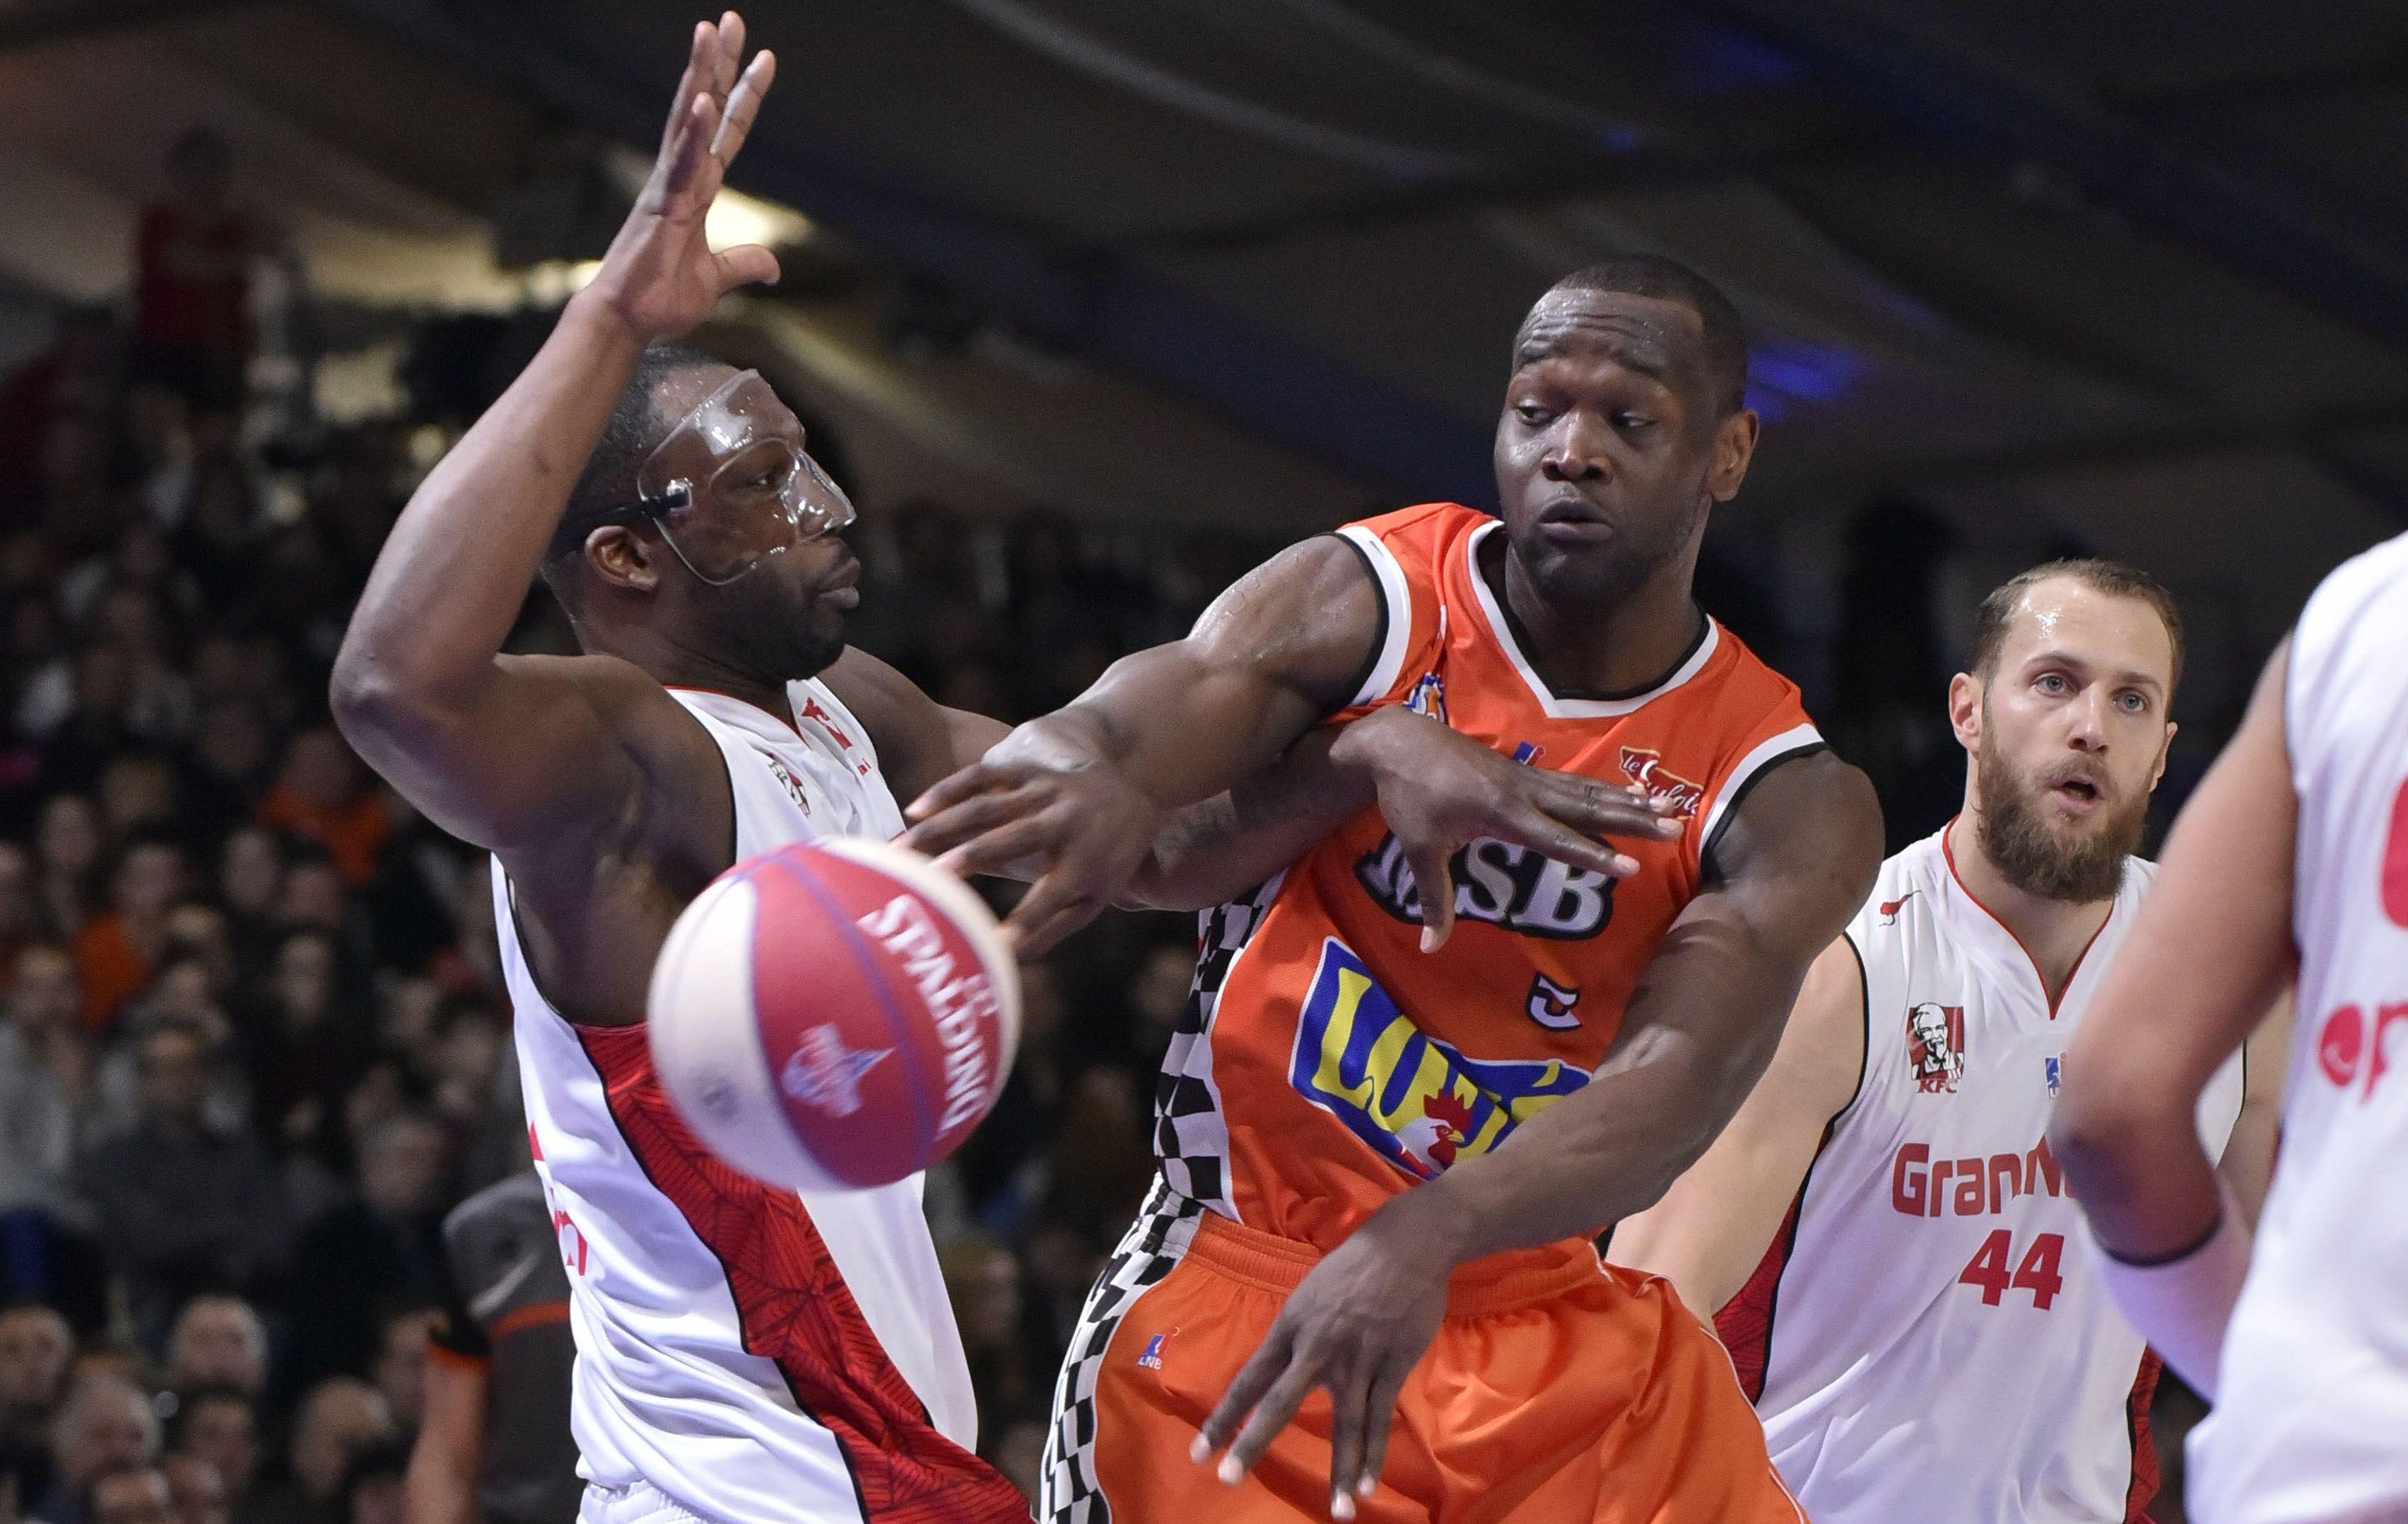 Basket - Pro A - Nancy �sans solution� face au probl�me Kahudi